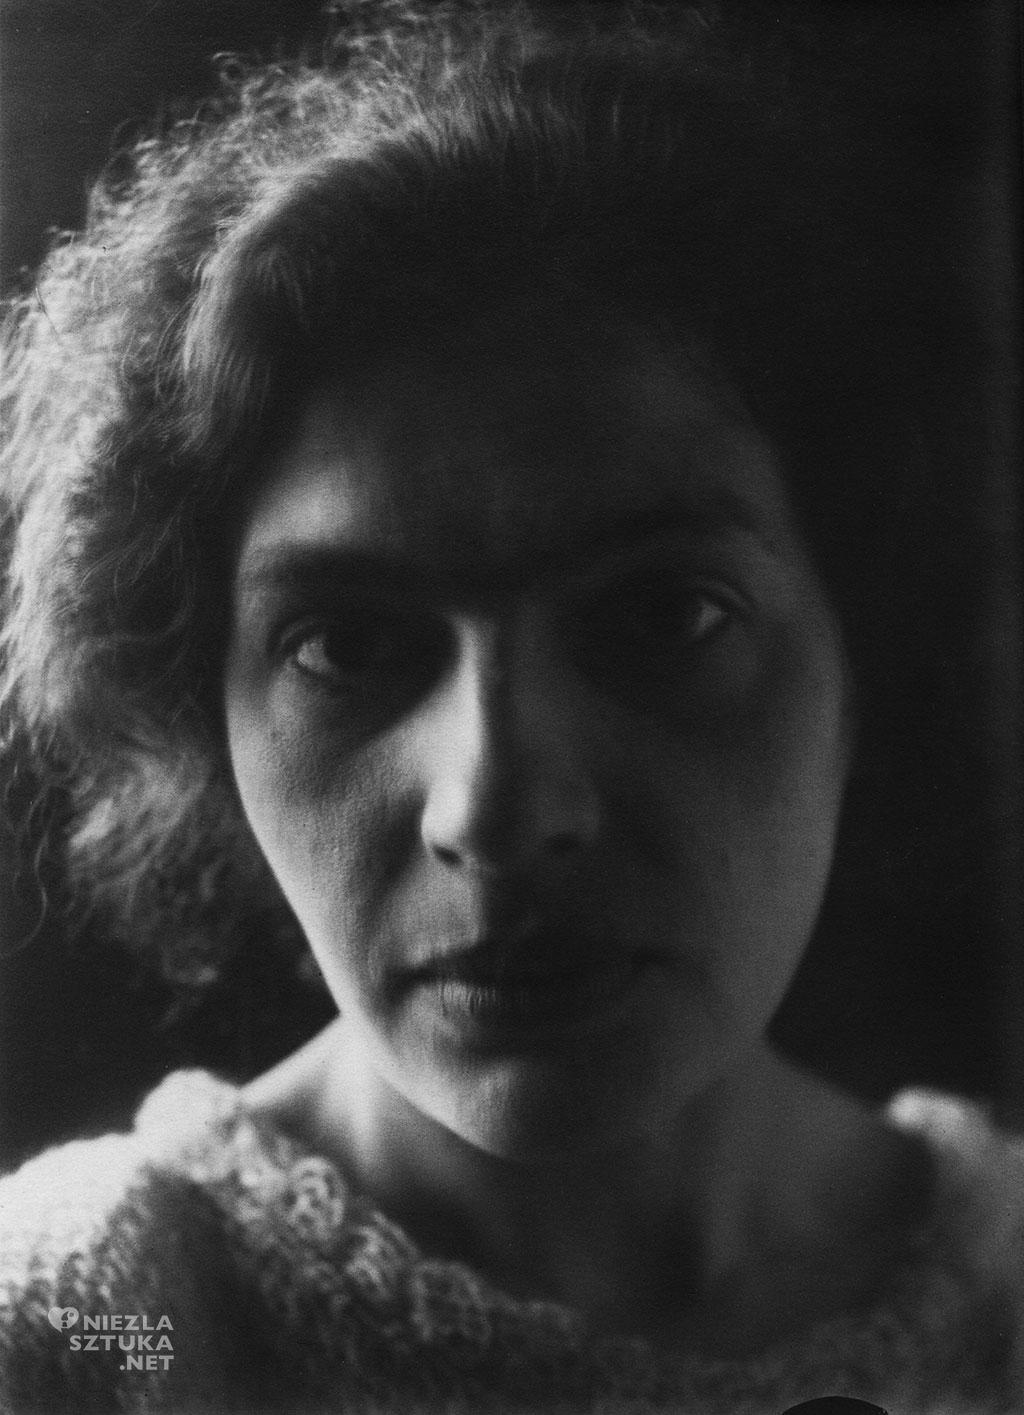 Nina, fot. z kolekcji Stefana Okołowicza